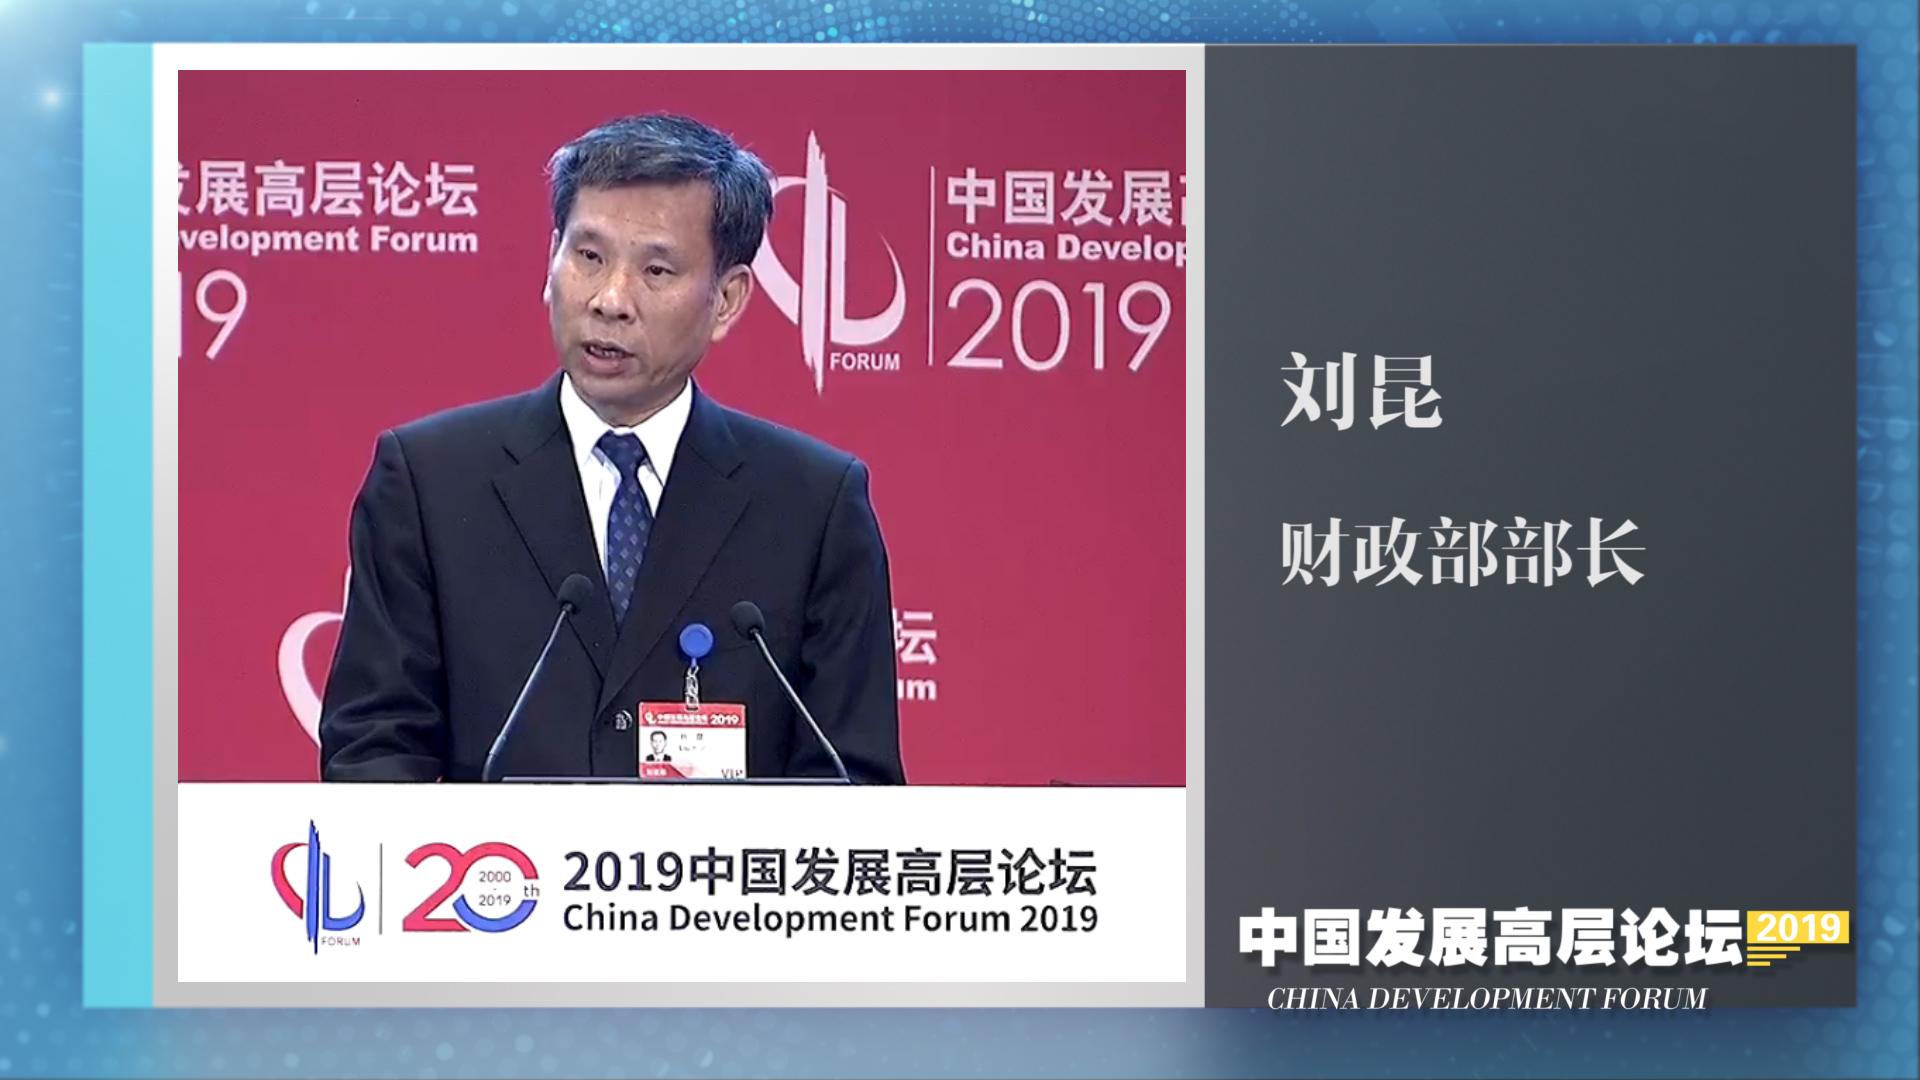 刘昆:中国经济中高速增长 为世界经济贡献30%增量